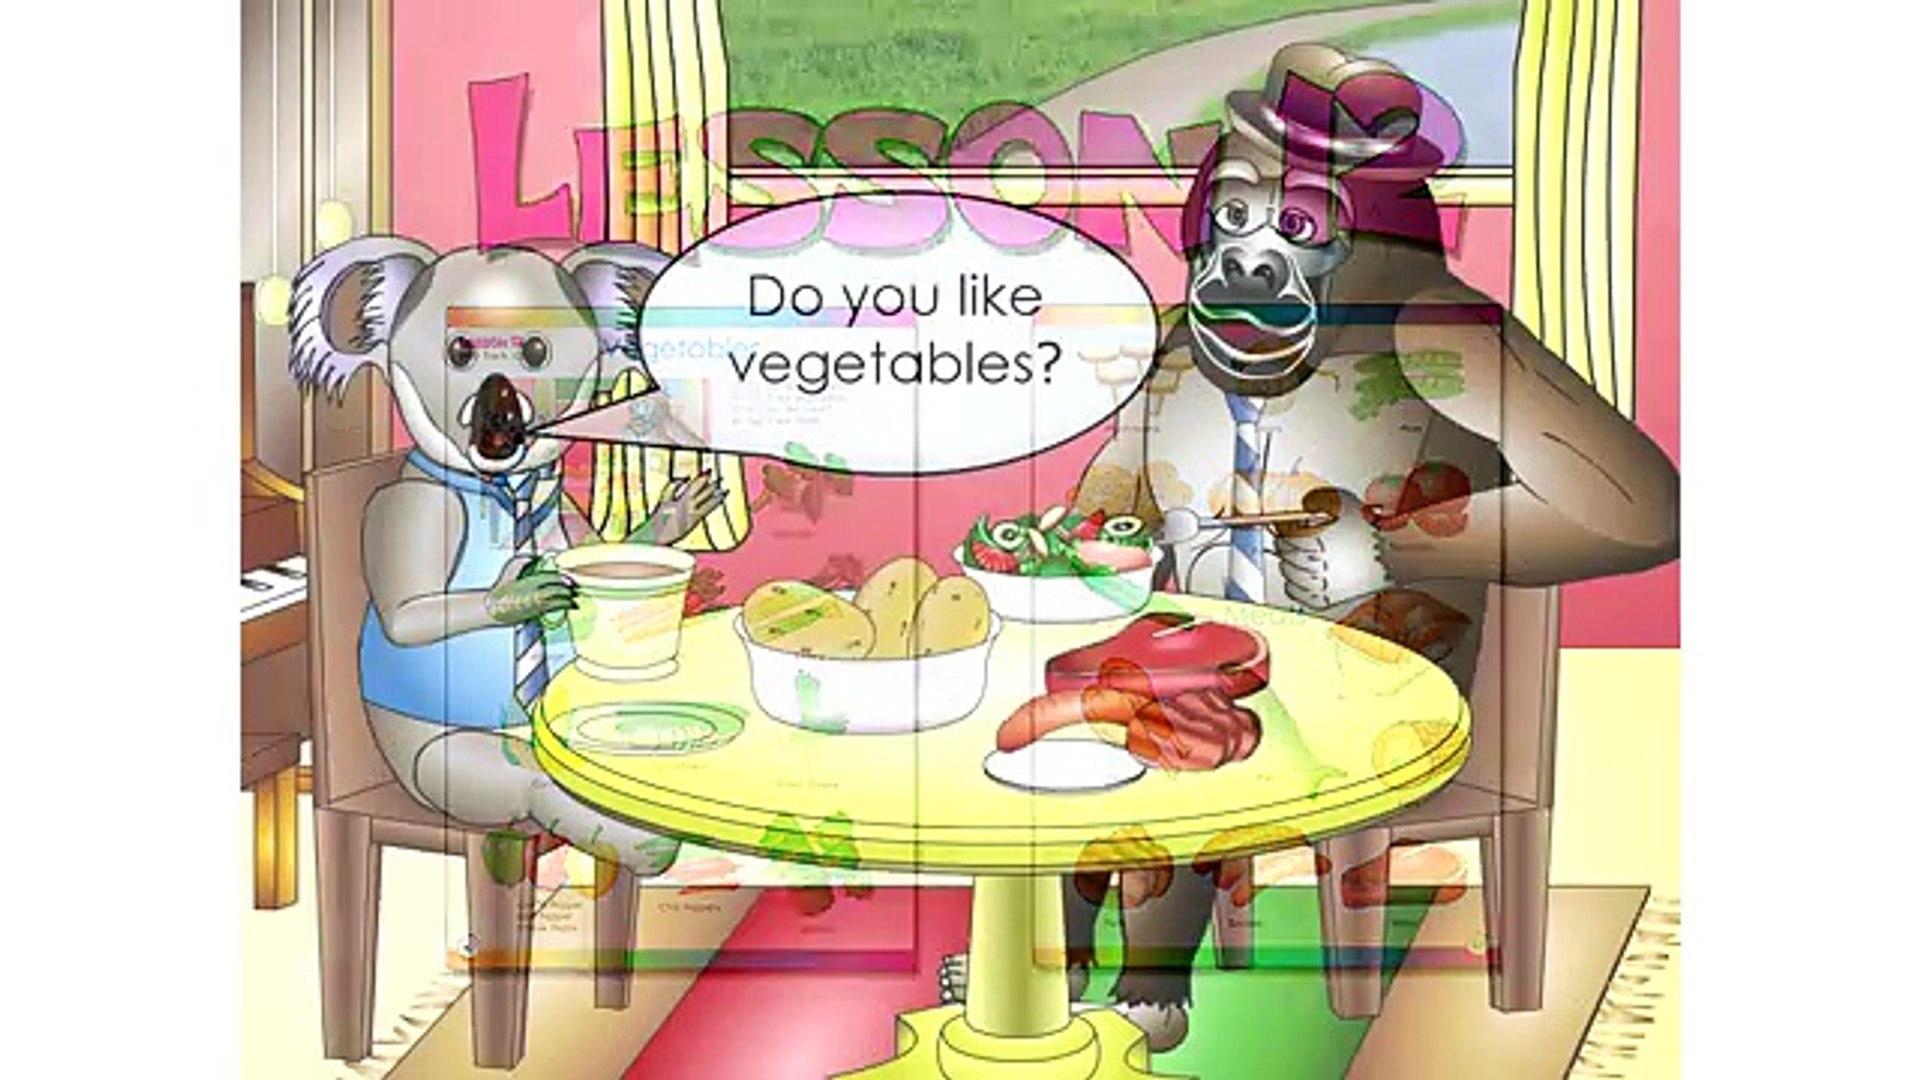 2. и клип образование английский здоровый Узнайте Урок уровень мясо овощи 12